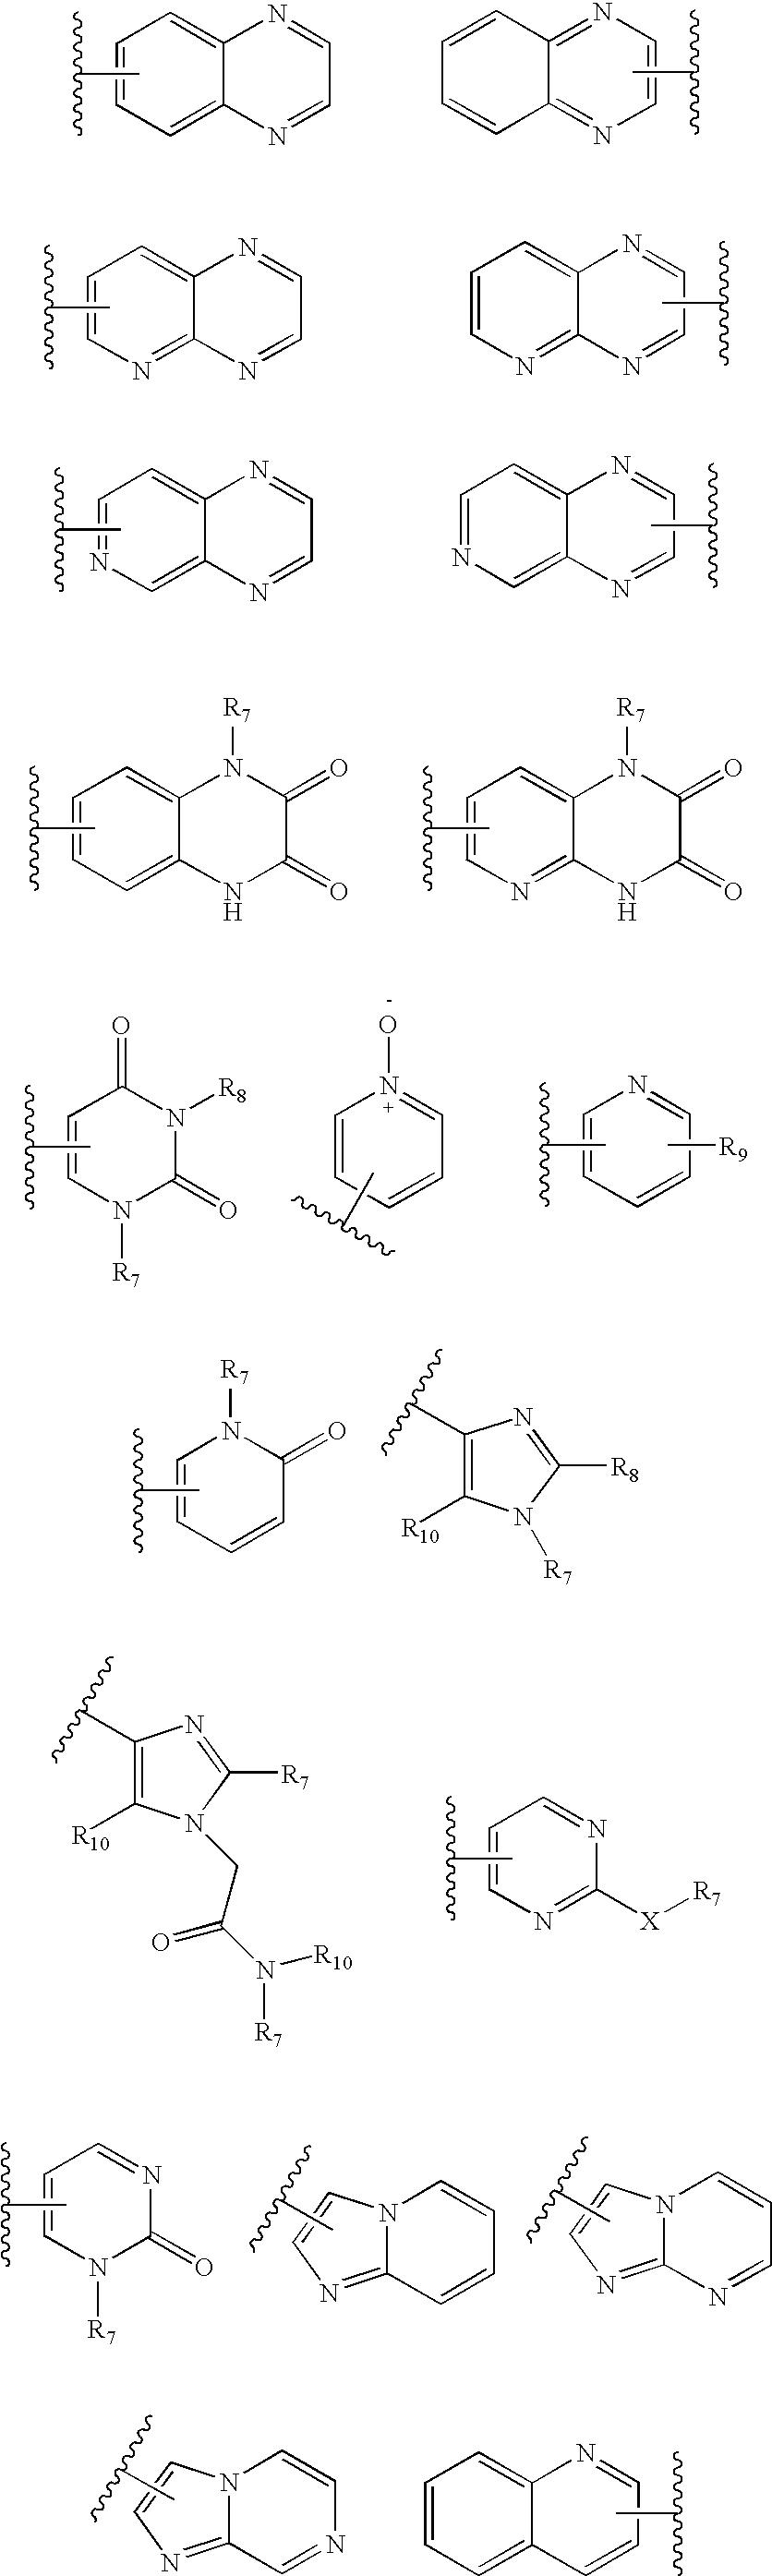 Figure US20060189617A1-20060824-C00006